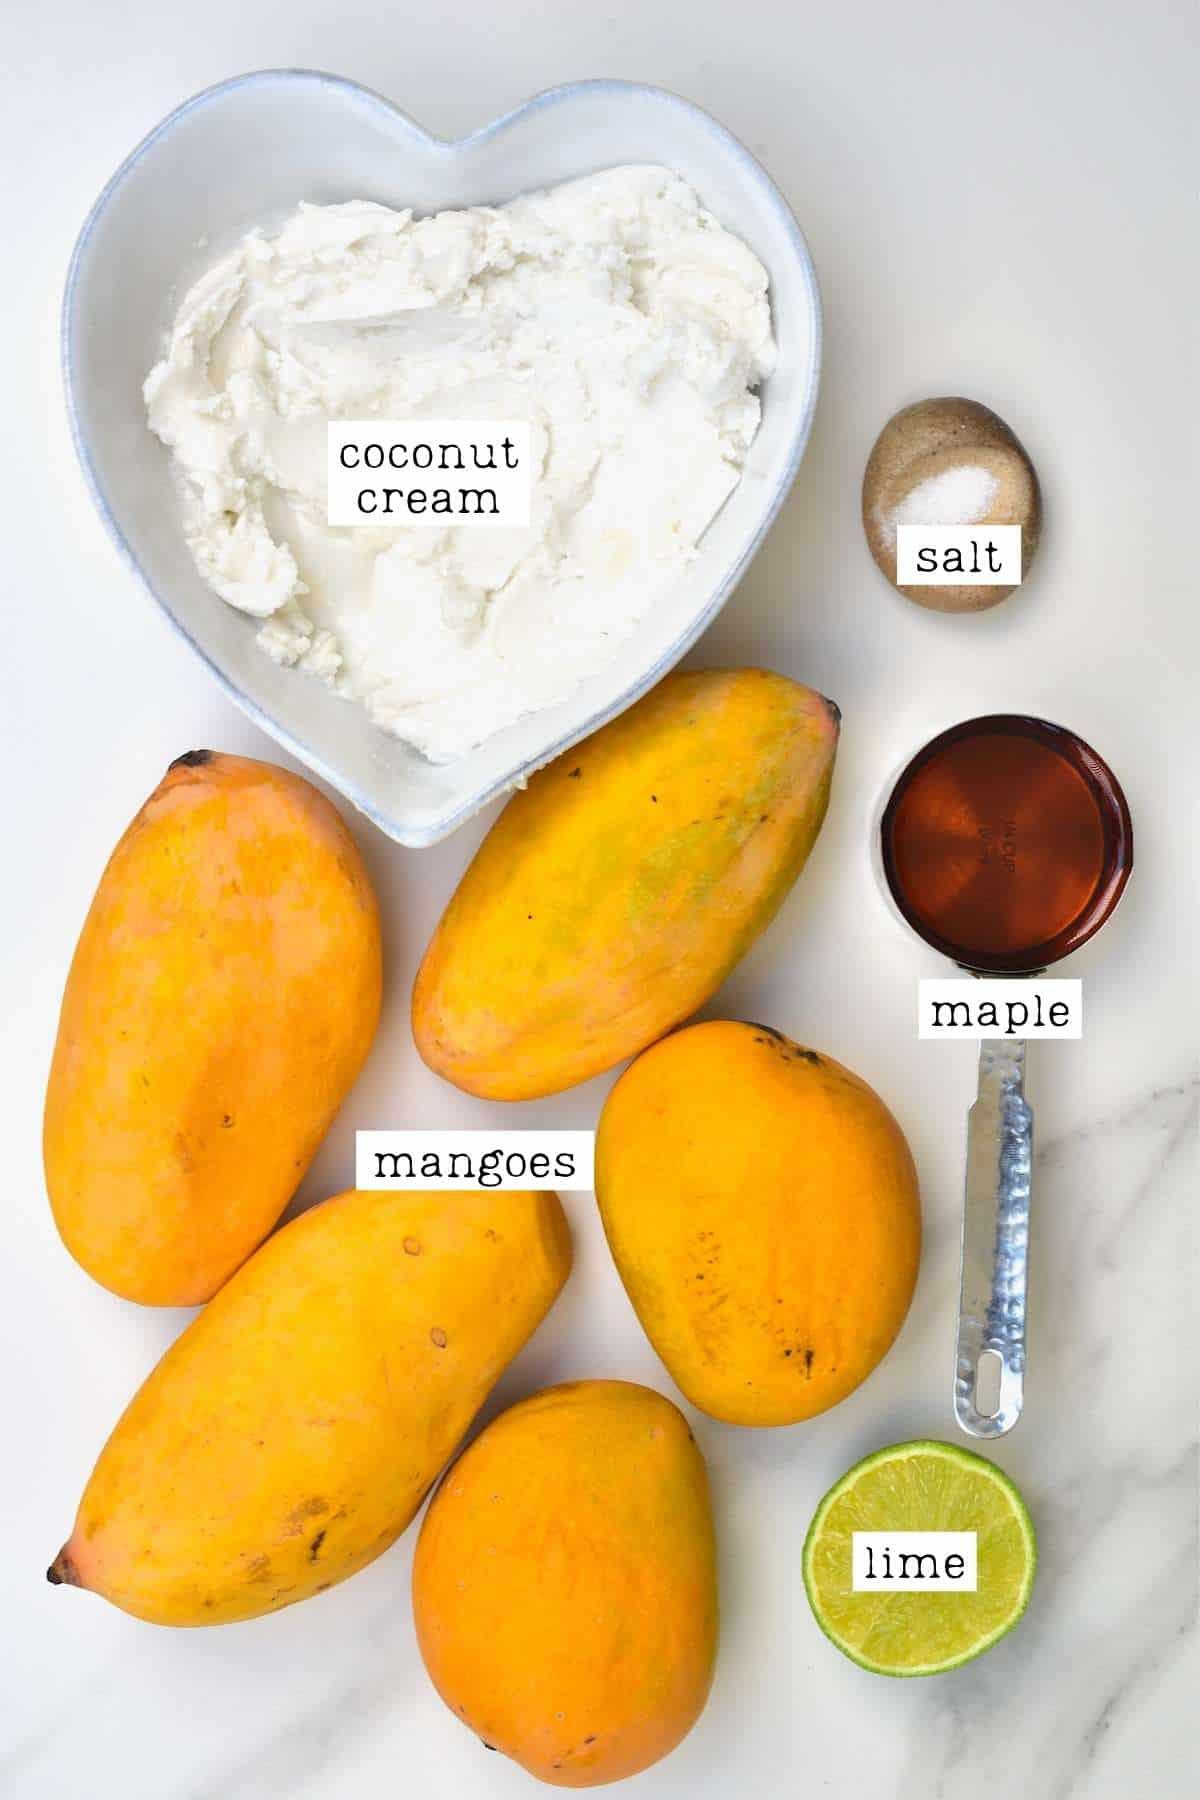 Ingredients for mango ice cream